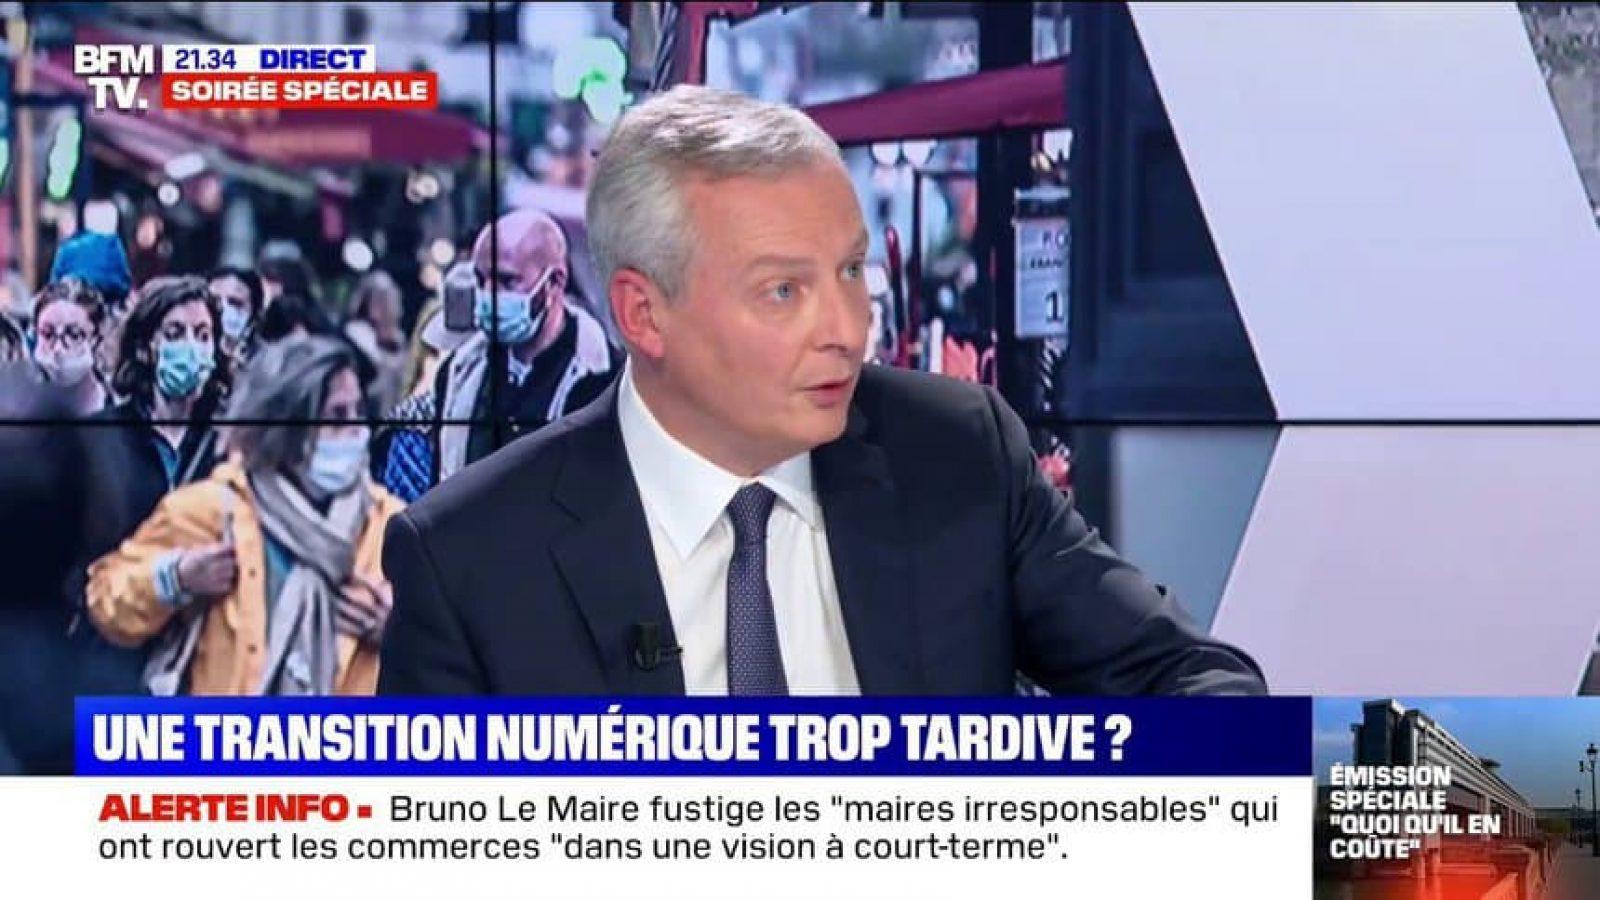 Bruno-Le-Maire-annonce-un-aide-directe-de-500-euros-aux-commercants-qui-souhaitent-se-digitaliser